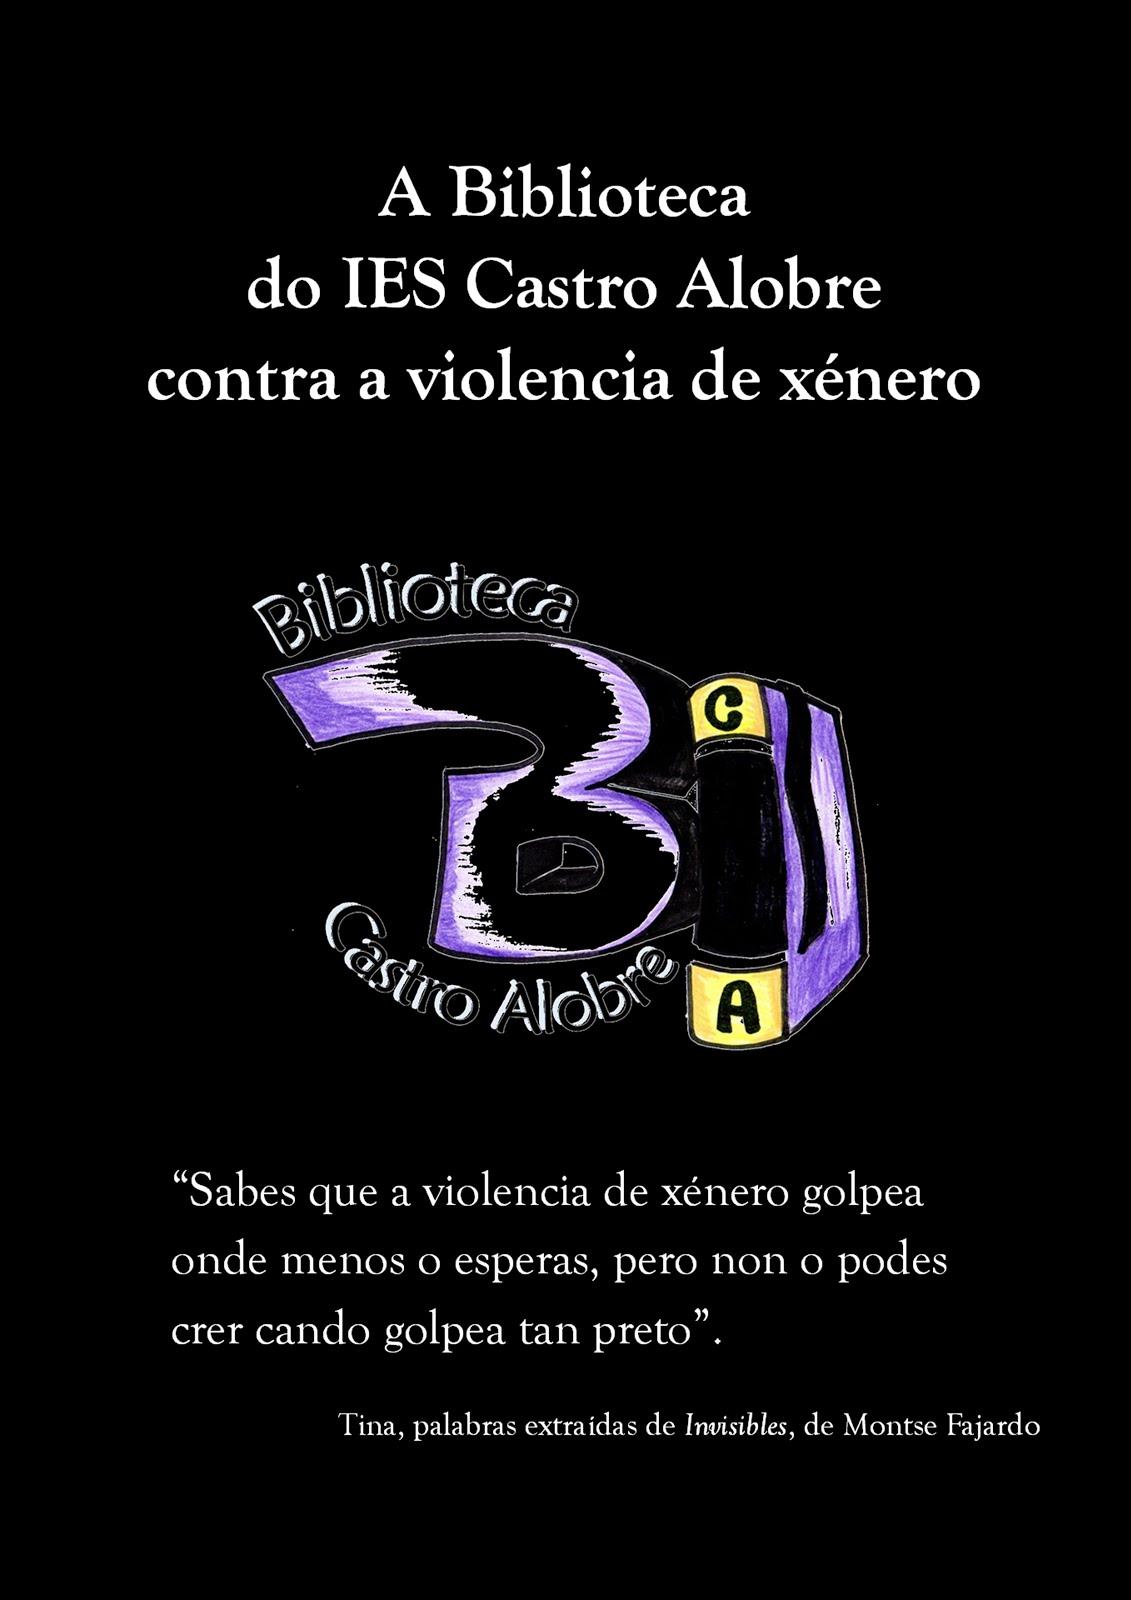 Biblioteca contra a violencia de xénero